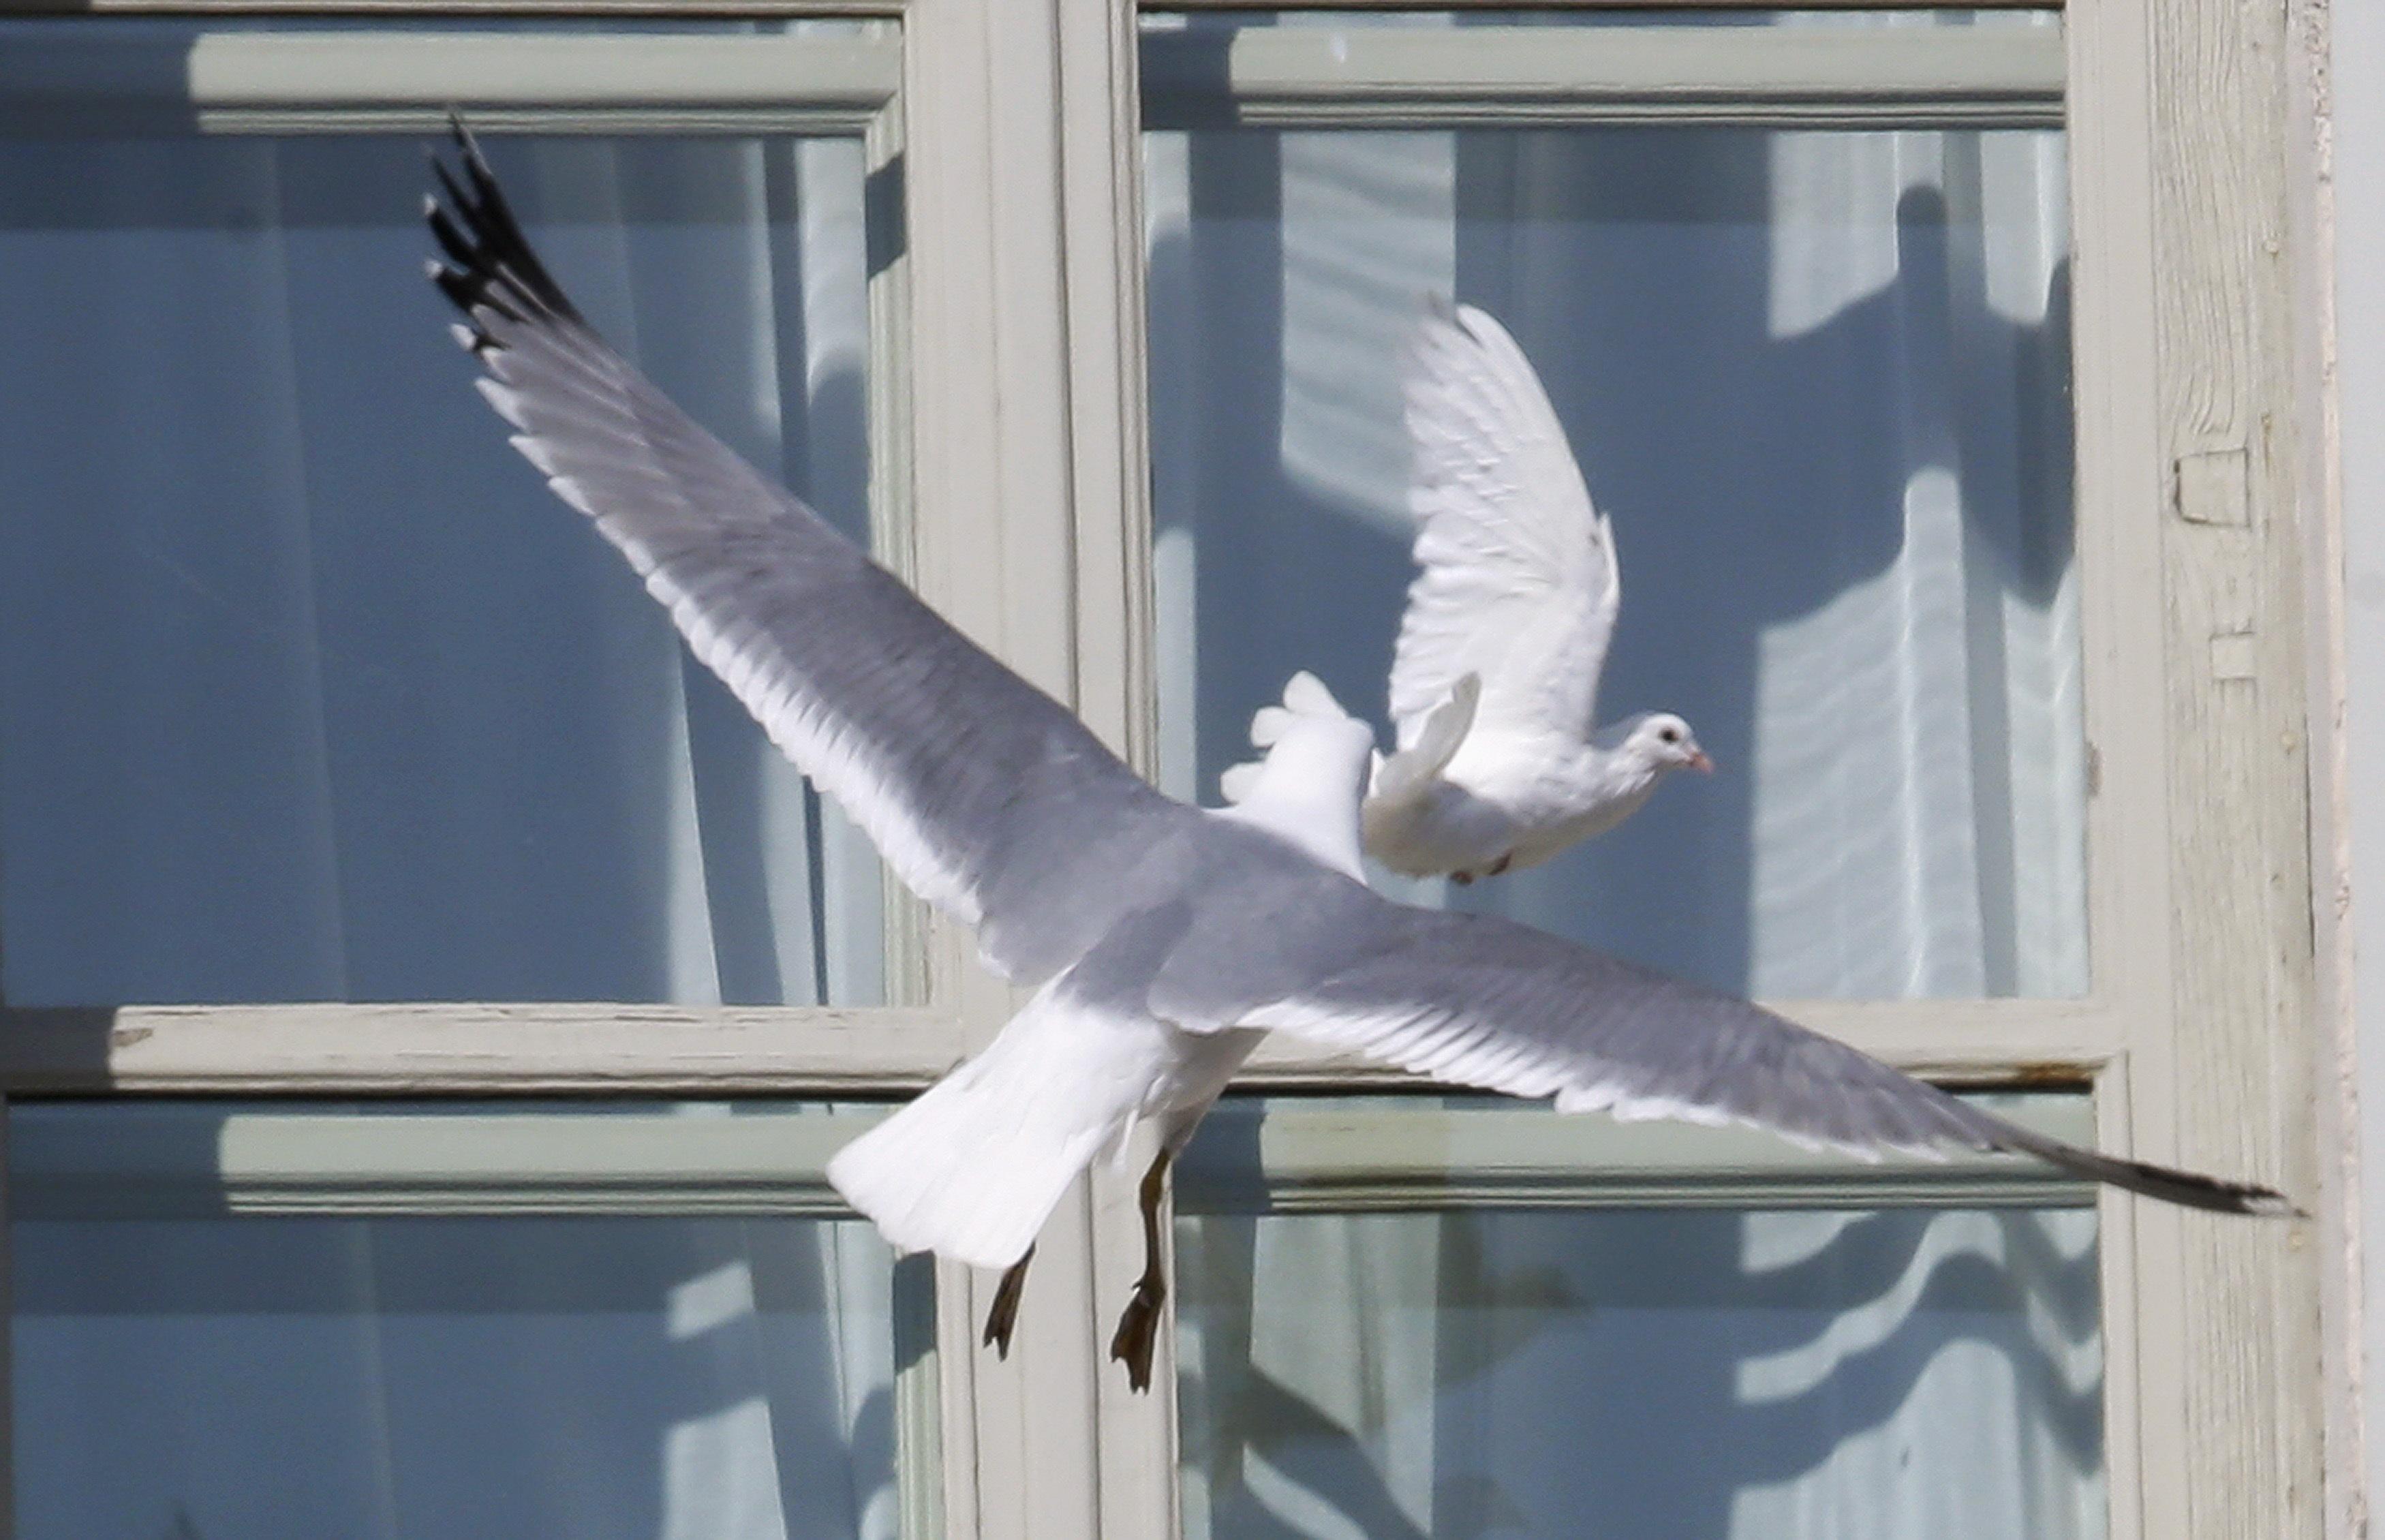 К чему снится голубь, залетевший в окно?